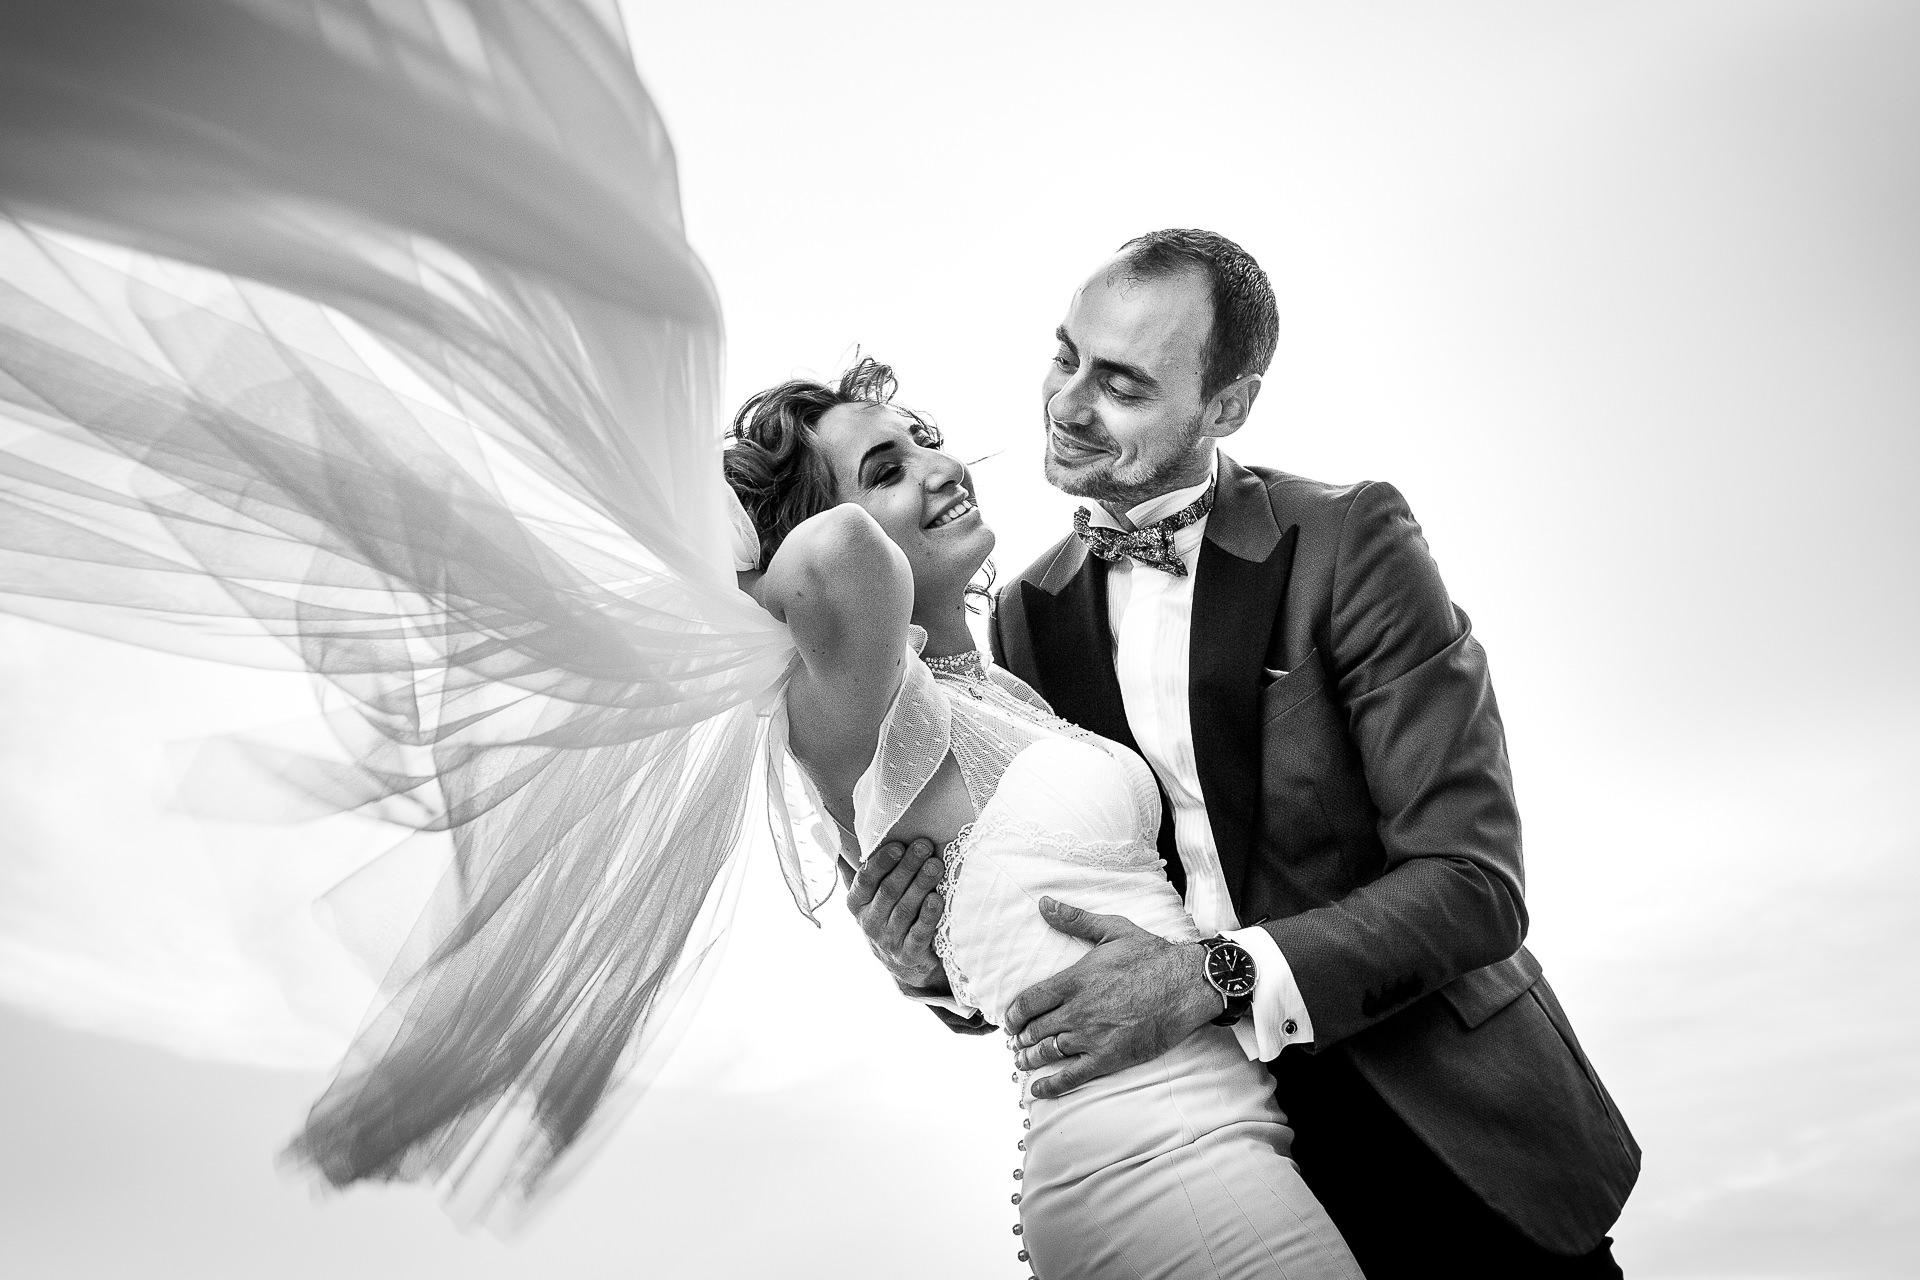 Şedinţă foto Trash The Dress - după nuntă la Cetatea Enisala, Tulcea - România - cu Mihaela şi Octavian - Mihai Zaharia Photography - 14